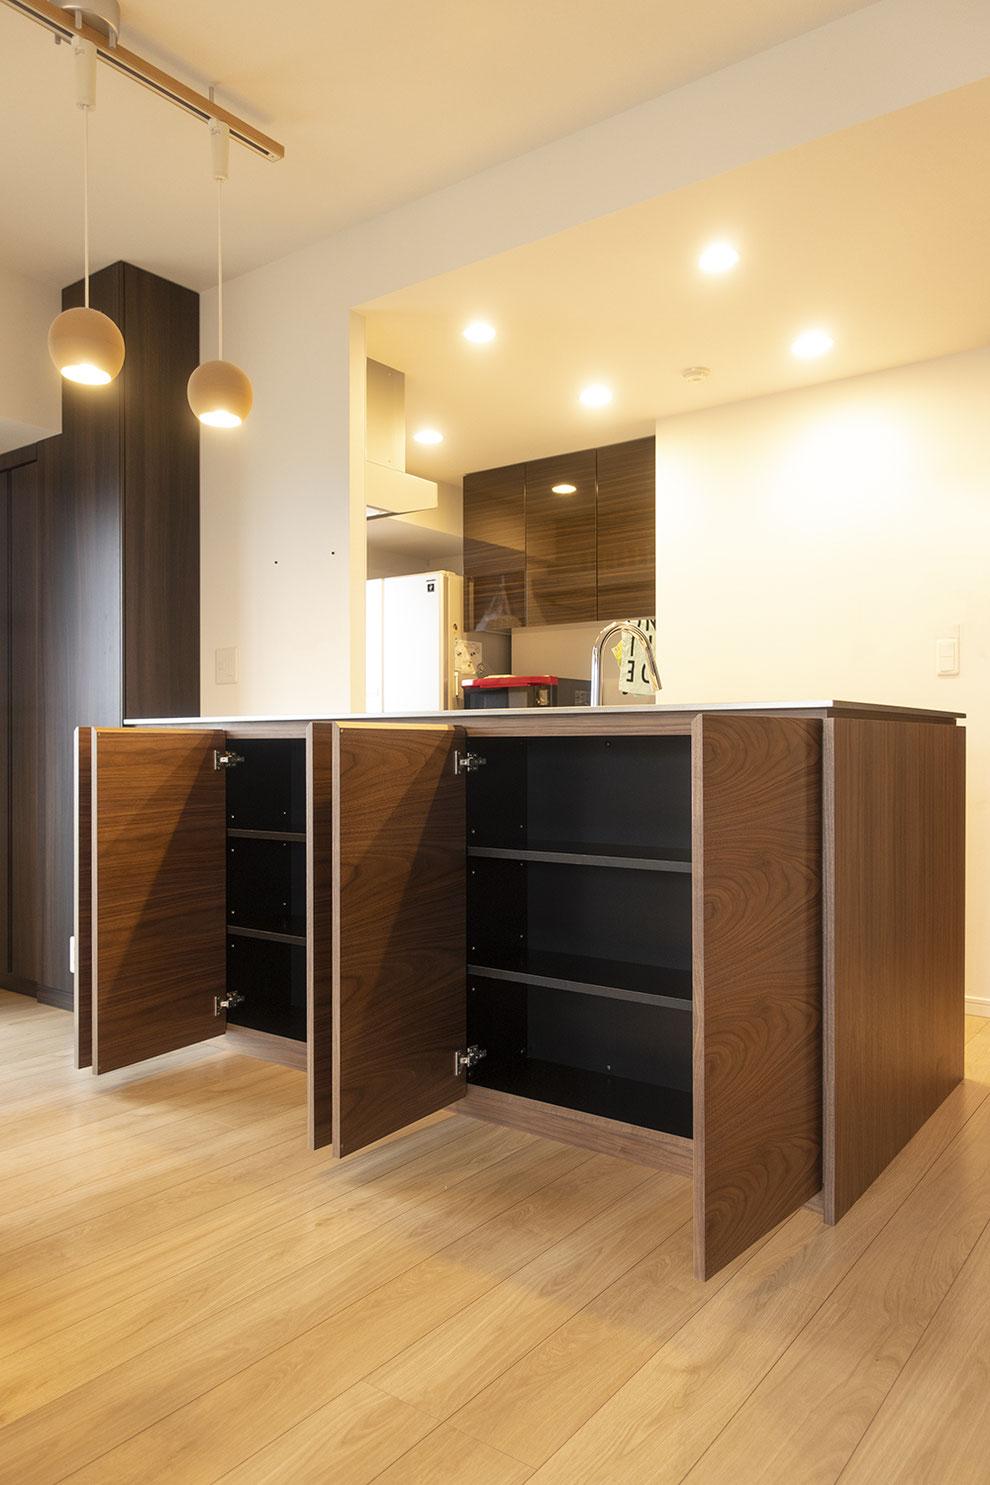 仙台 秋保 オーダー家具 クラスコファニチャー キッチンカウンター ステンレス天板 ウォールナット